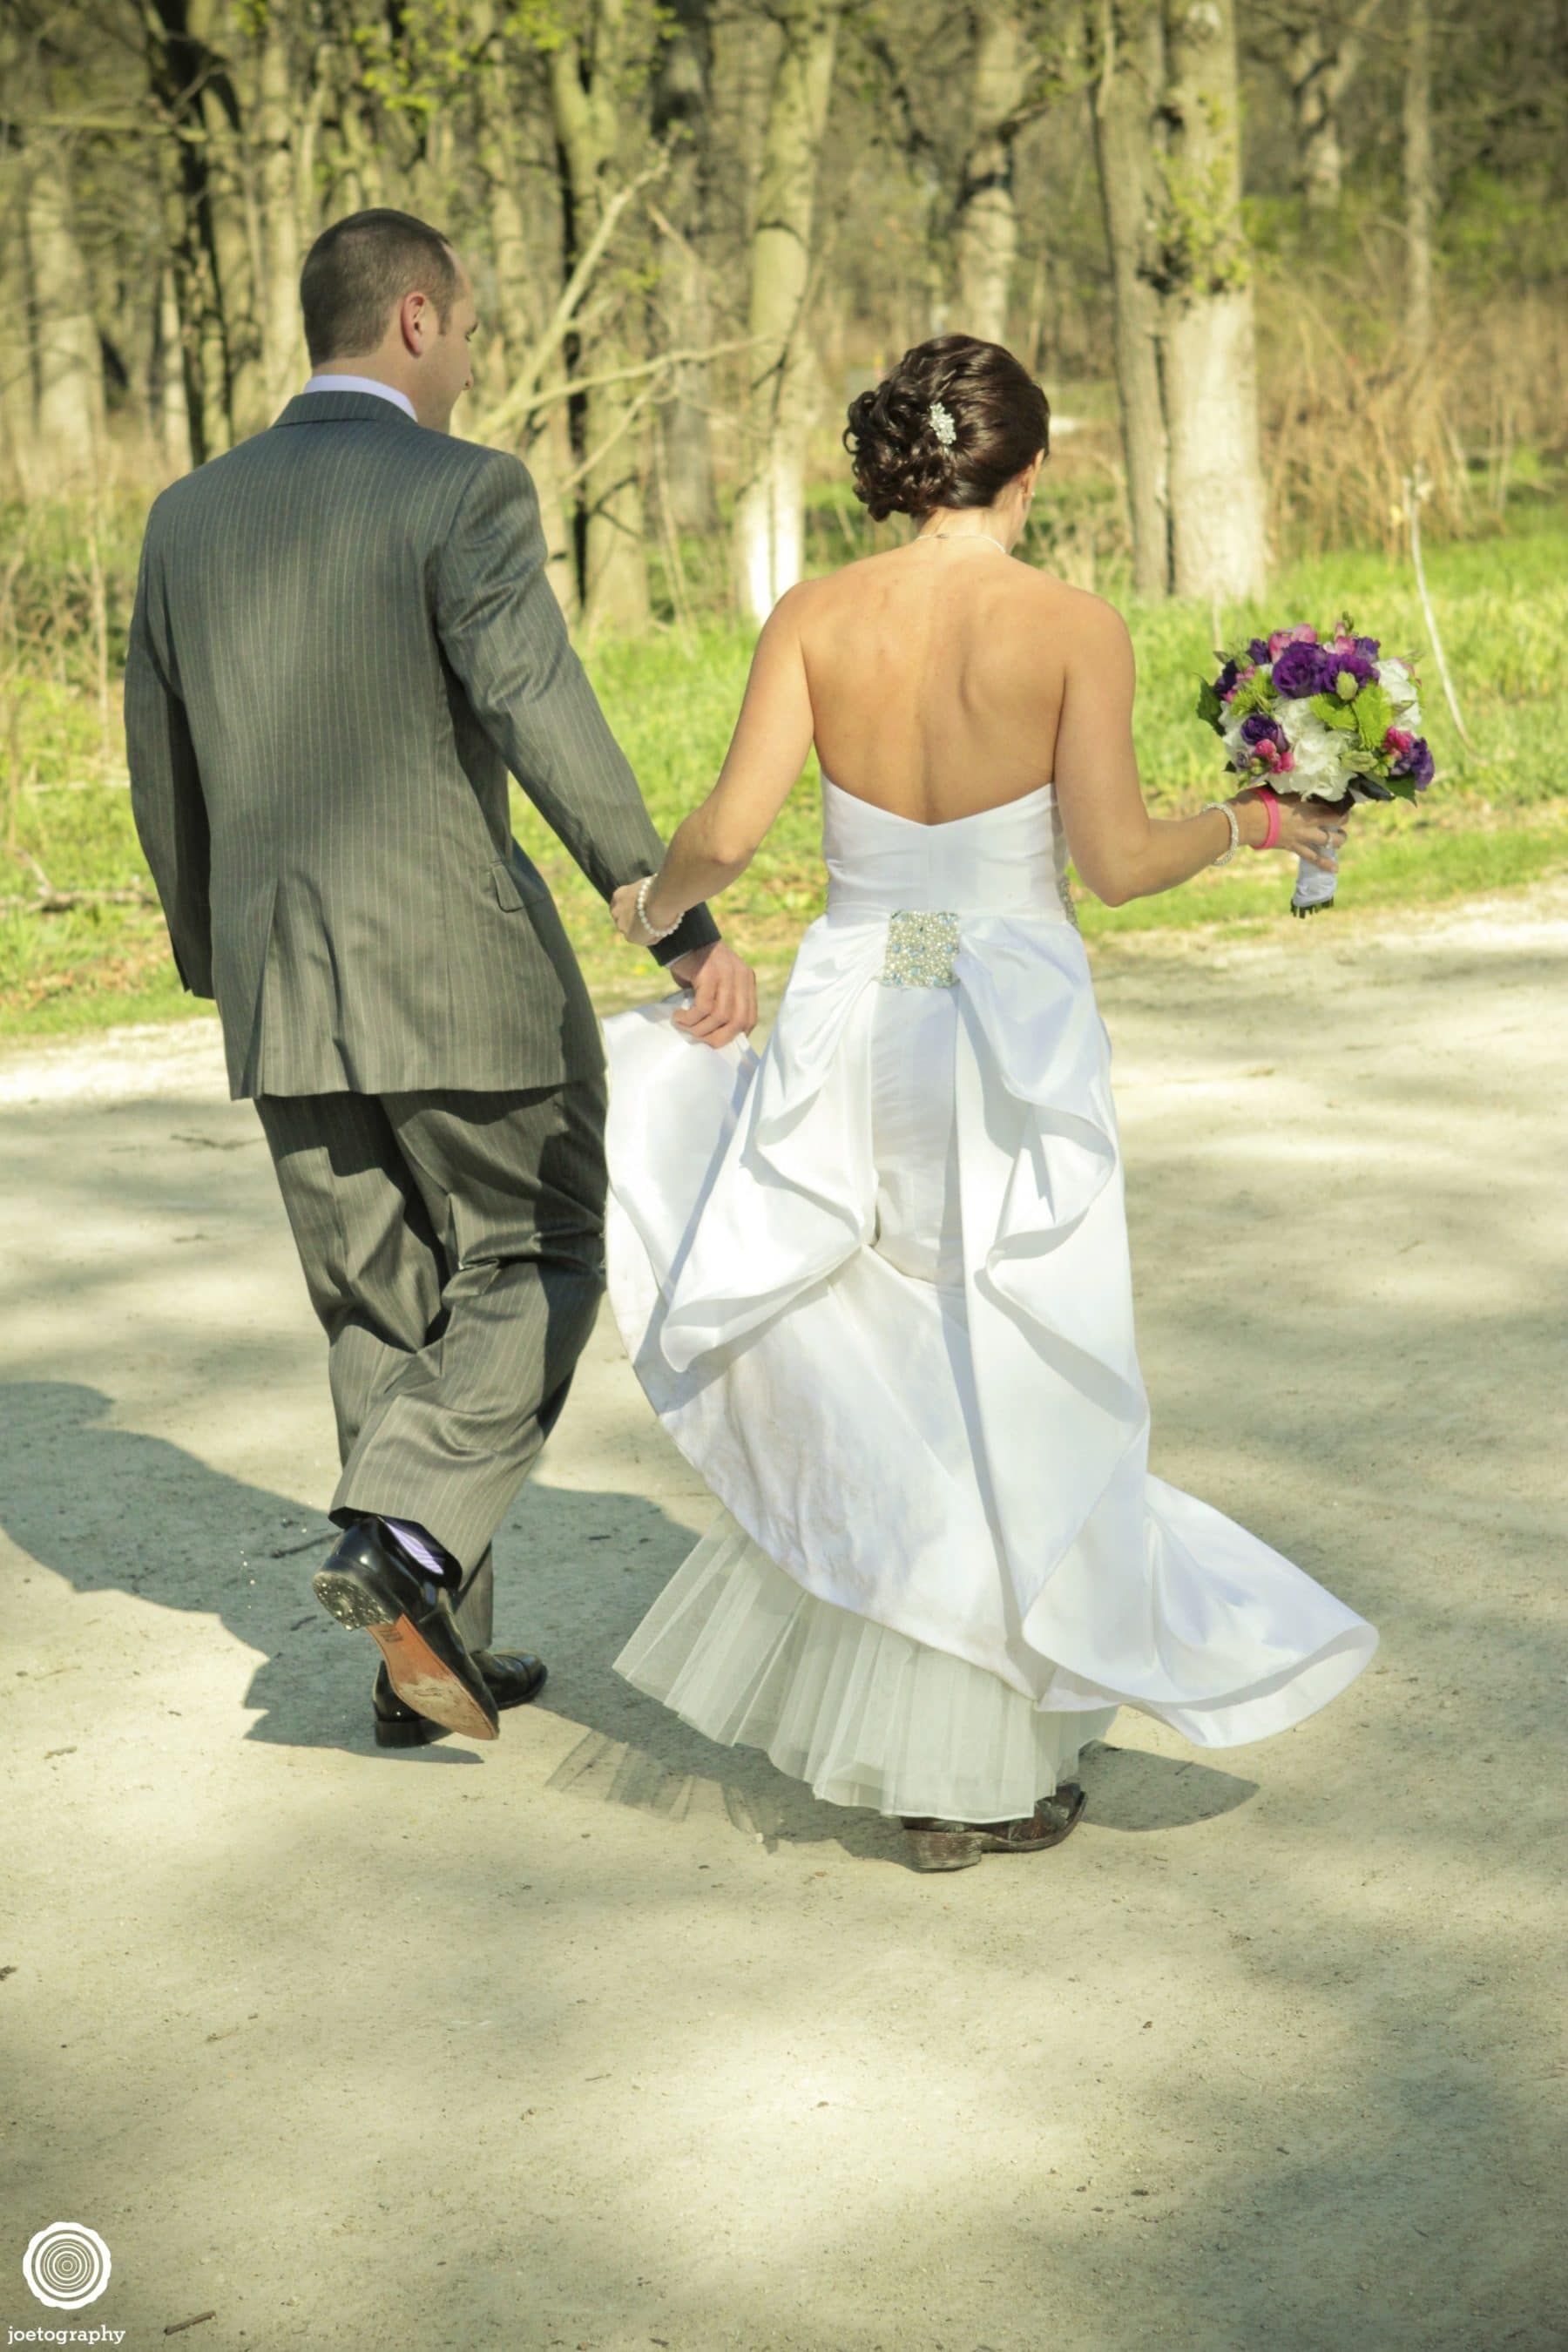 Beedles-Wedding-Photos-Naperville-Illinois-70